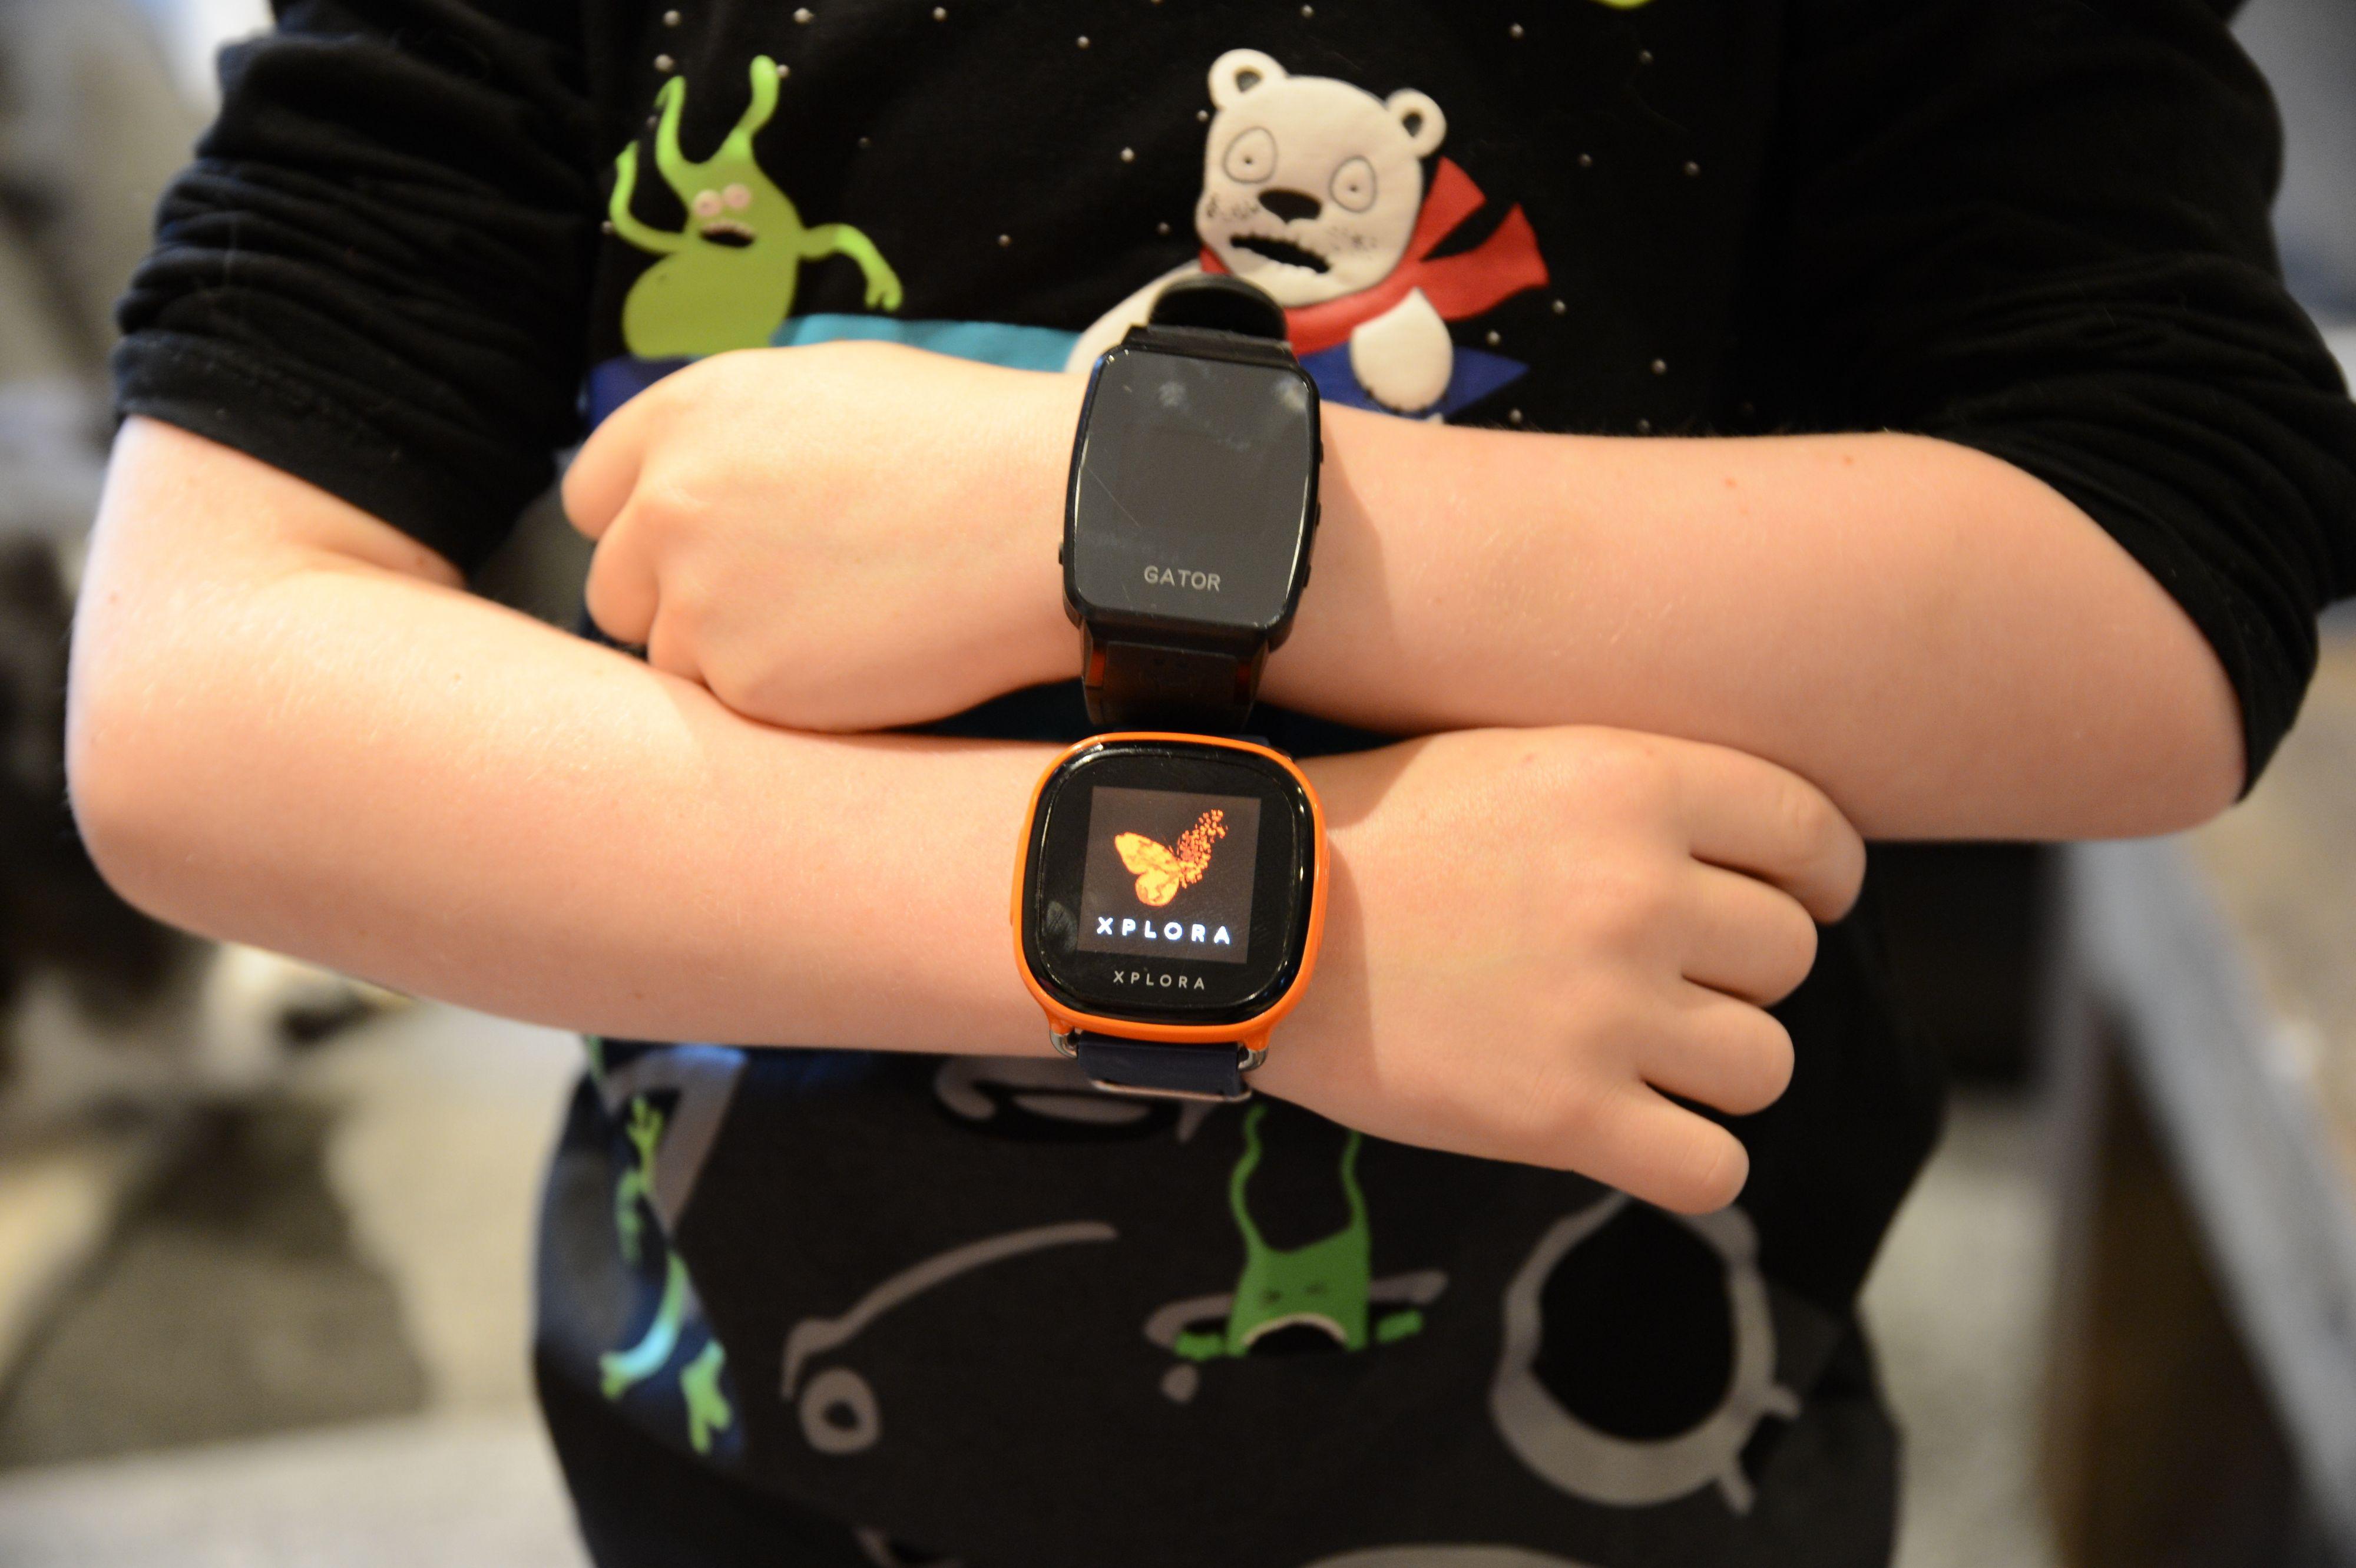 Klokkene er ganske store. Her på armen til en seksåring.